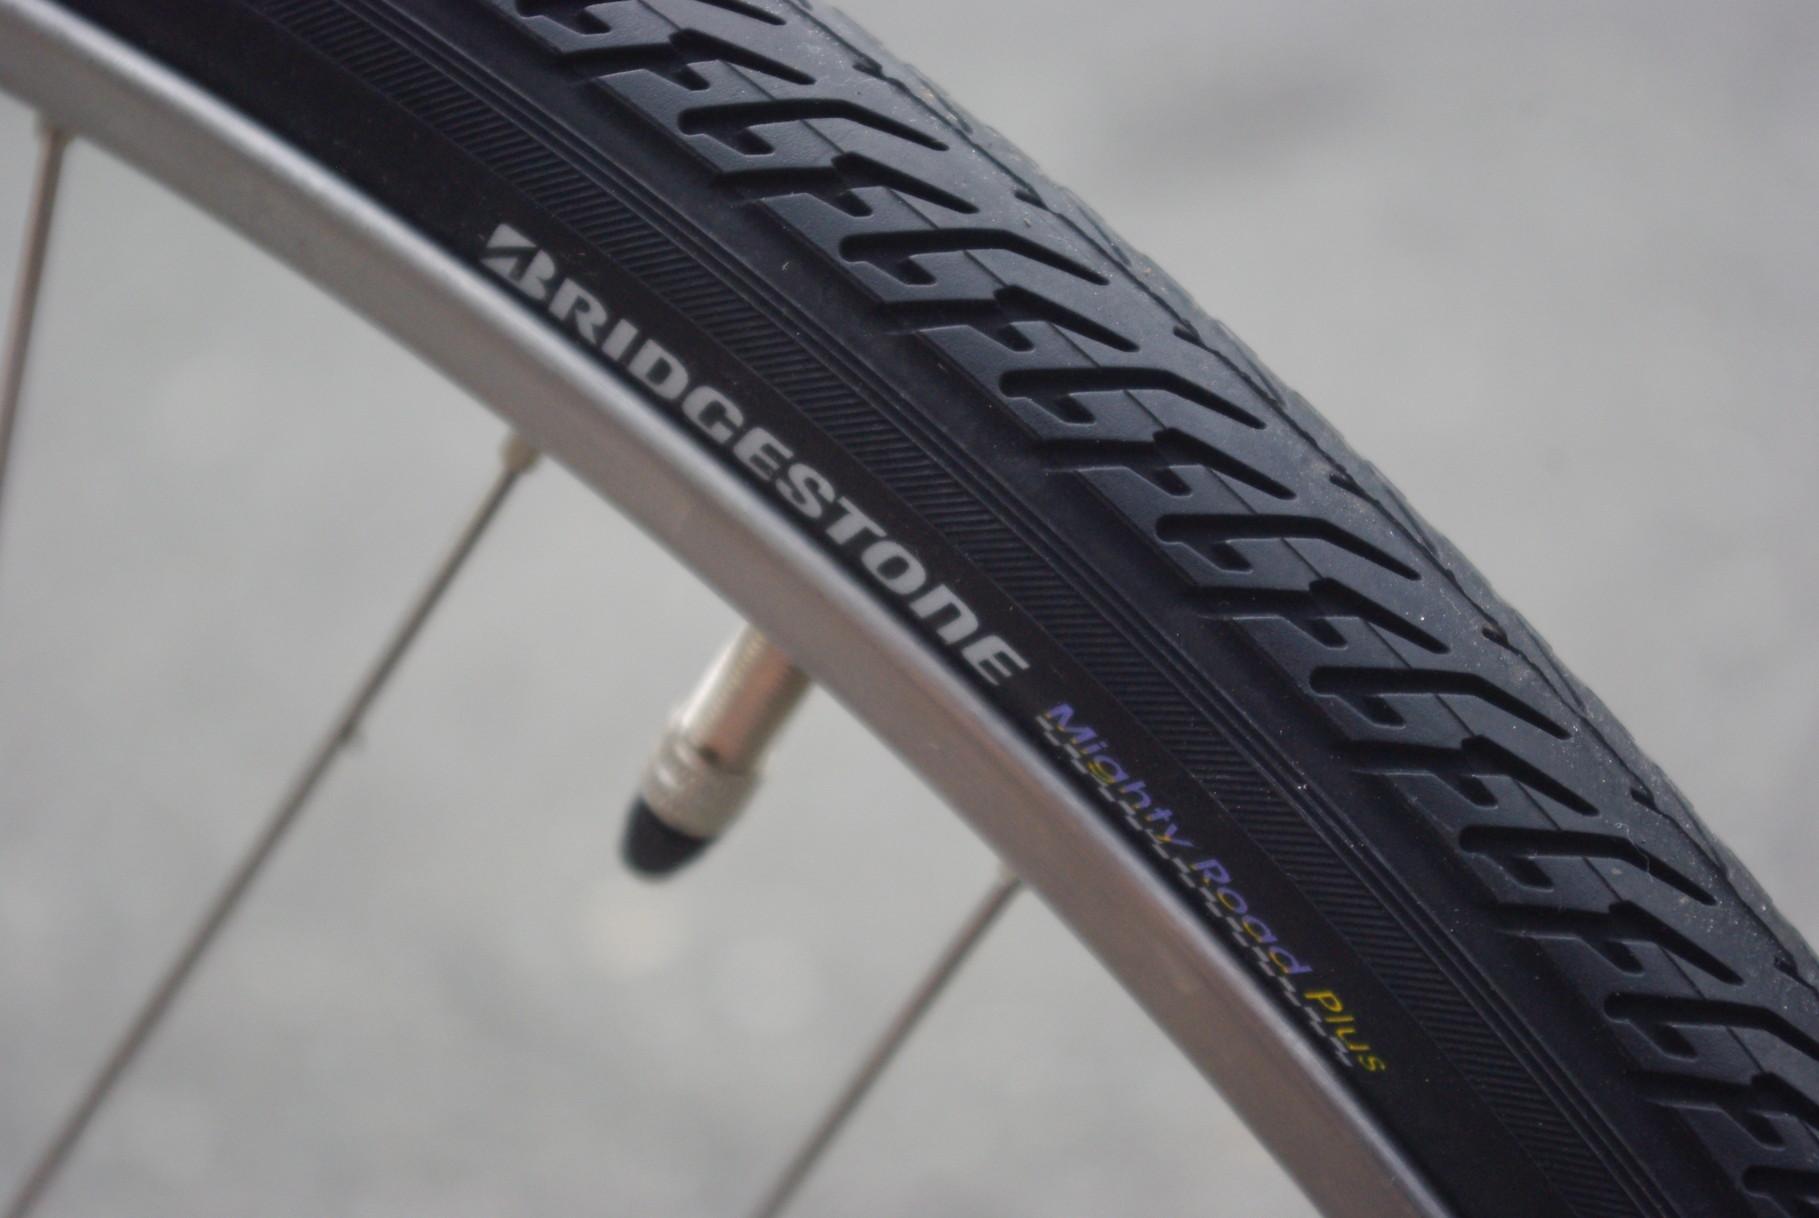 耐突き刺しパンク性能が非常に高いマイティロード・プラスタイヤを装備。チューブも肉厚1.5mmのウルトラスーパーチューブです(通常の肉厚は0.8mm)